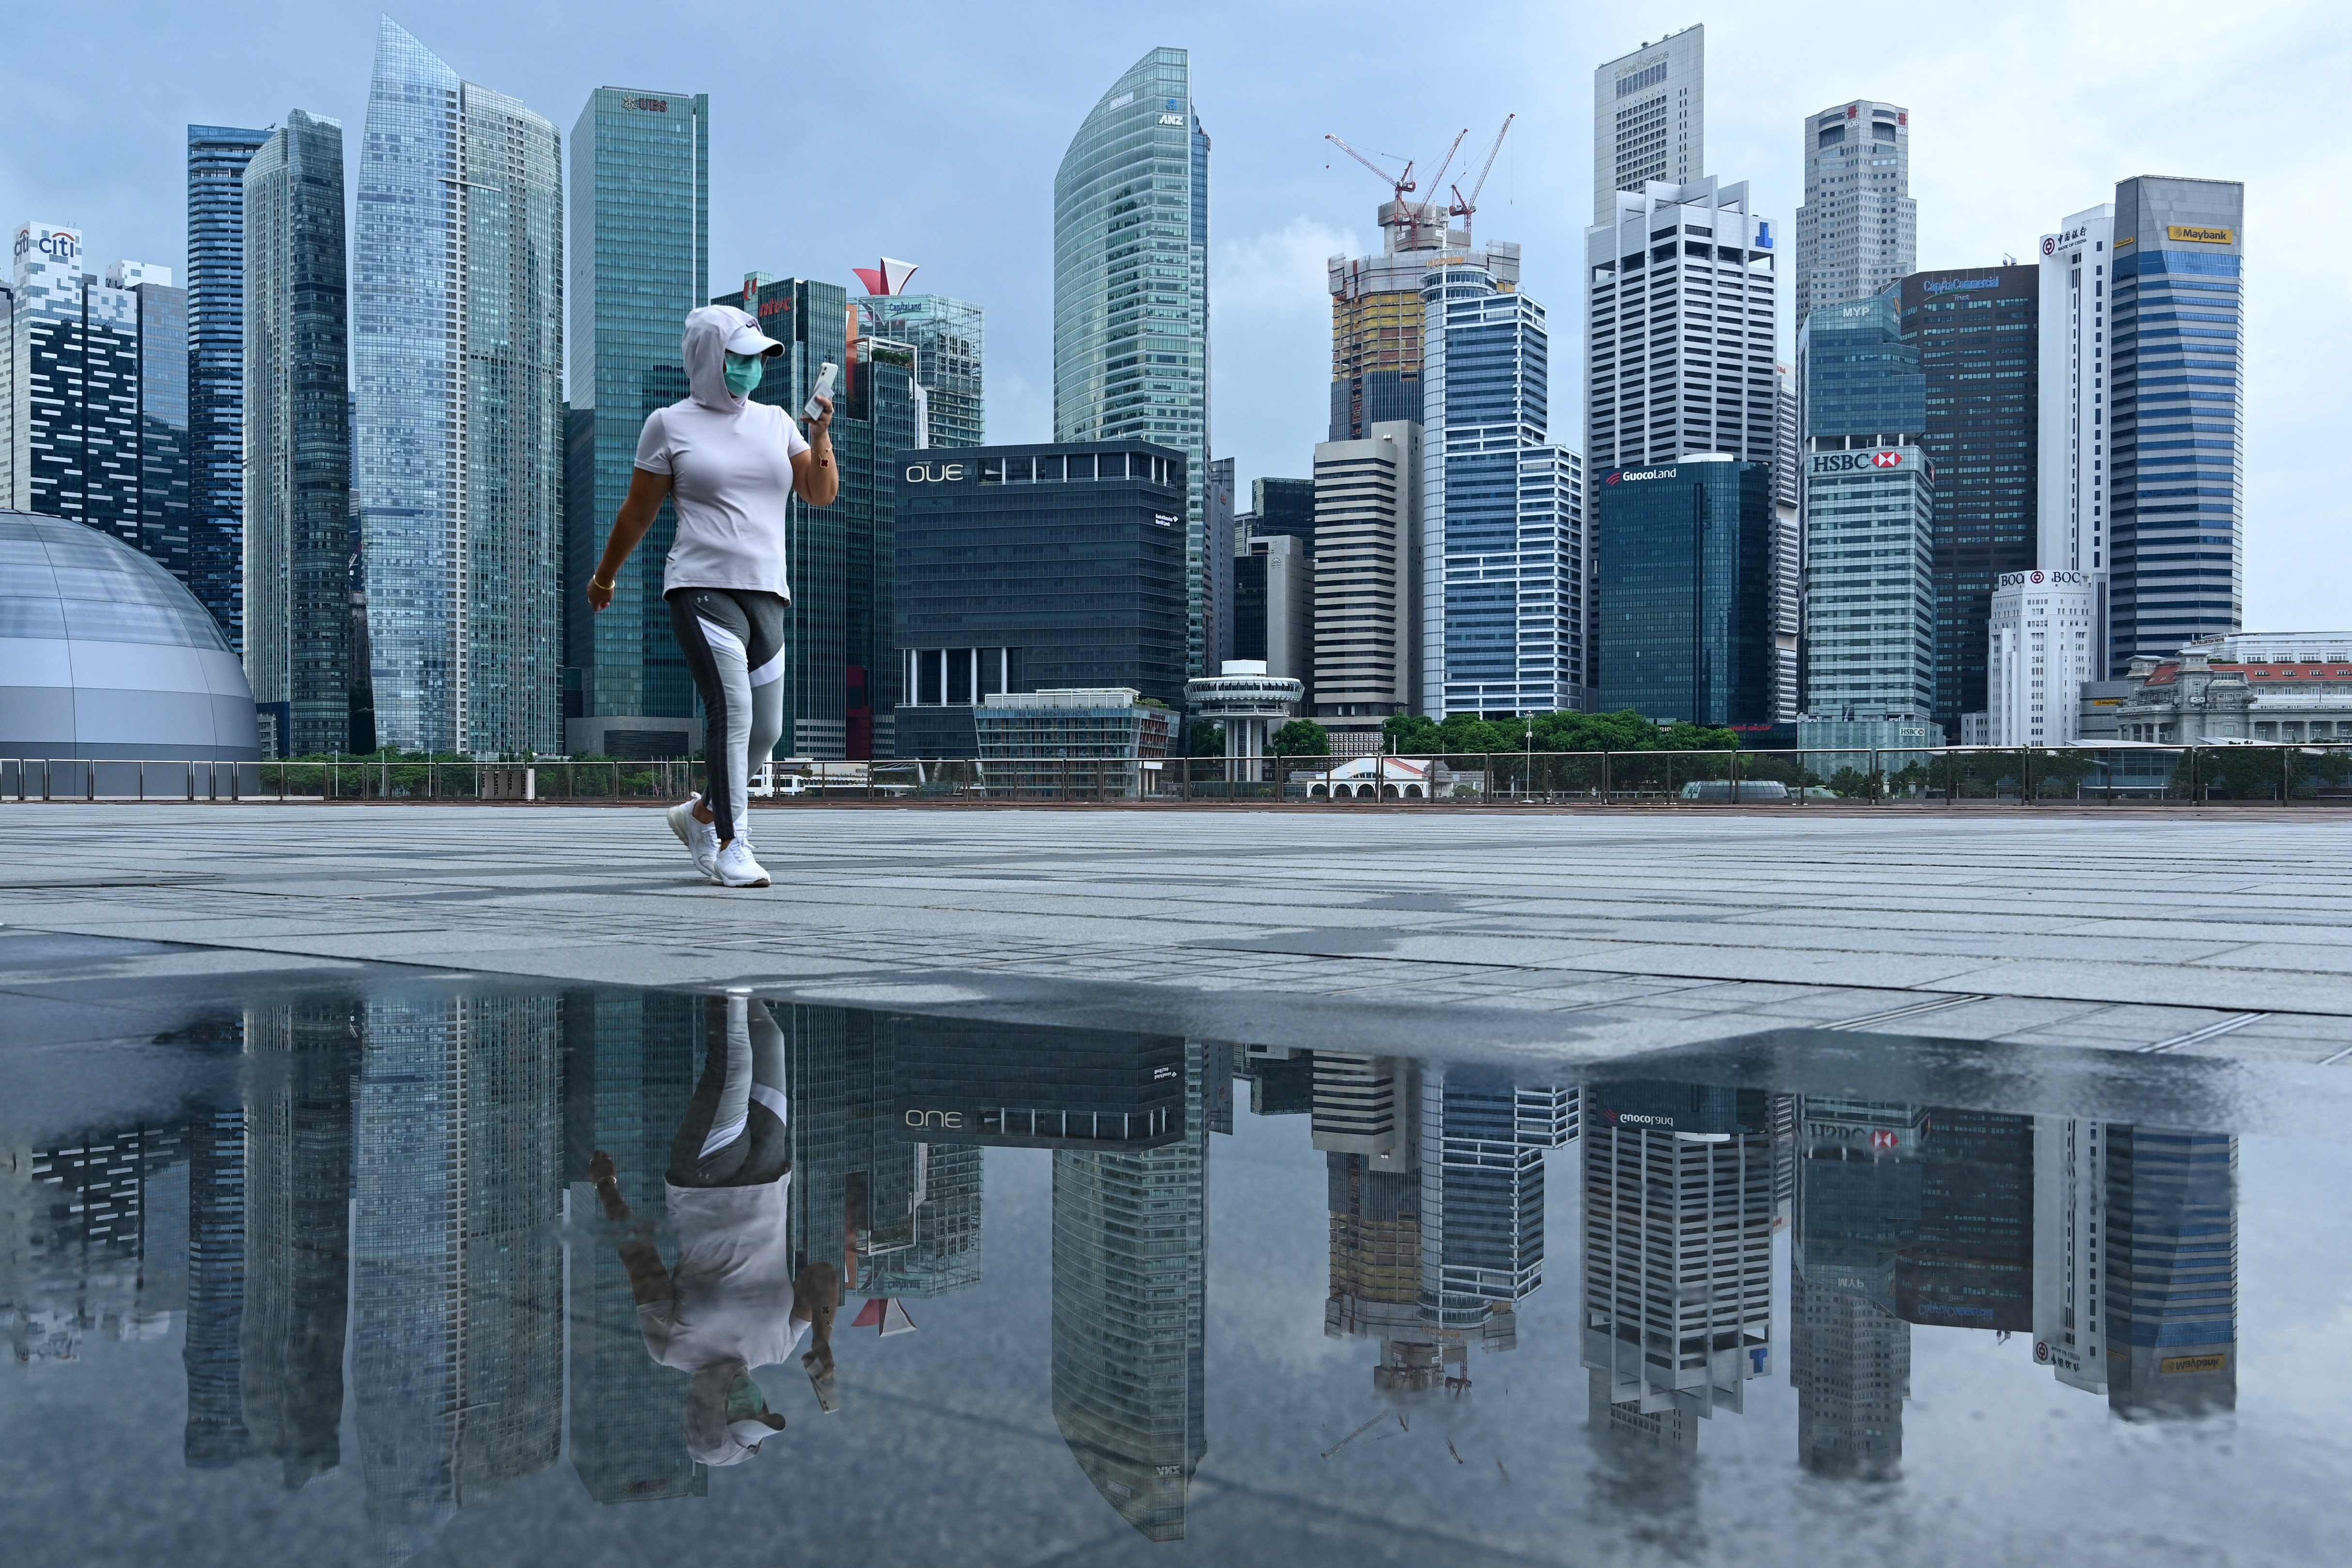 Szingapúrban kitalálták a járvány utáni világot